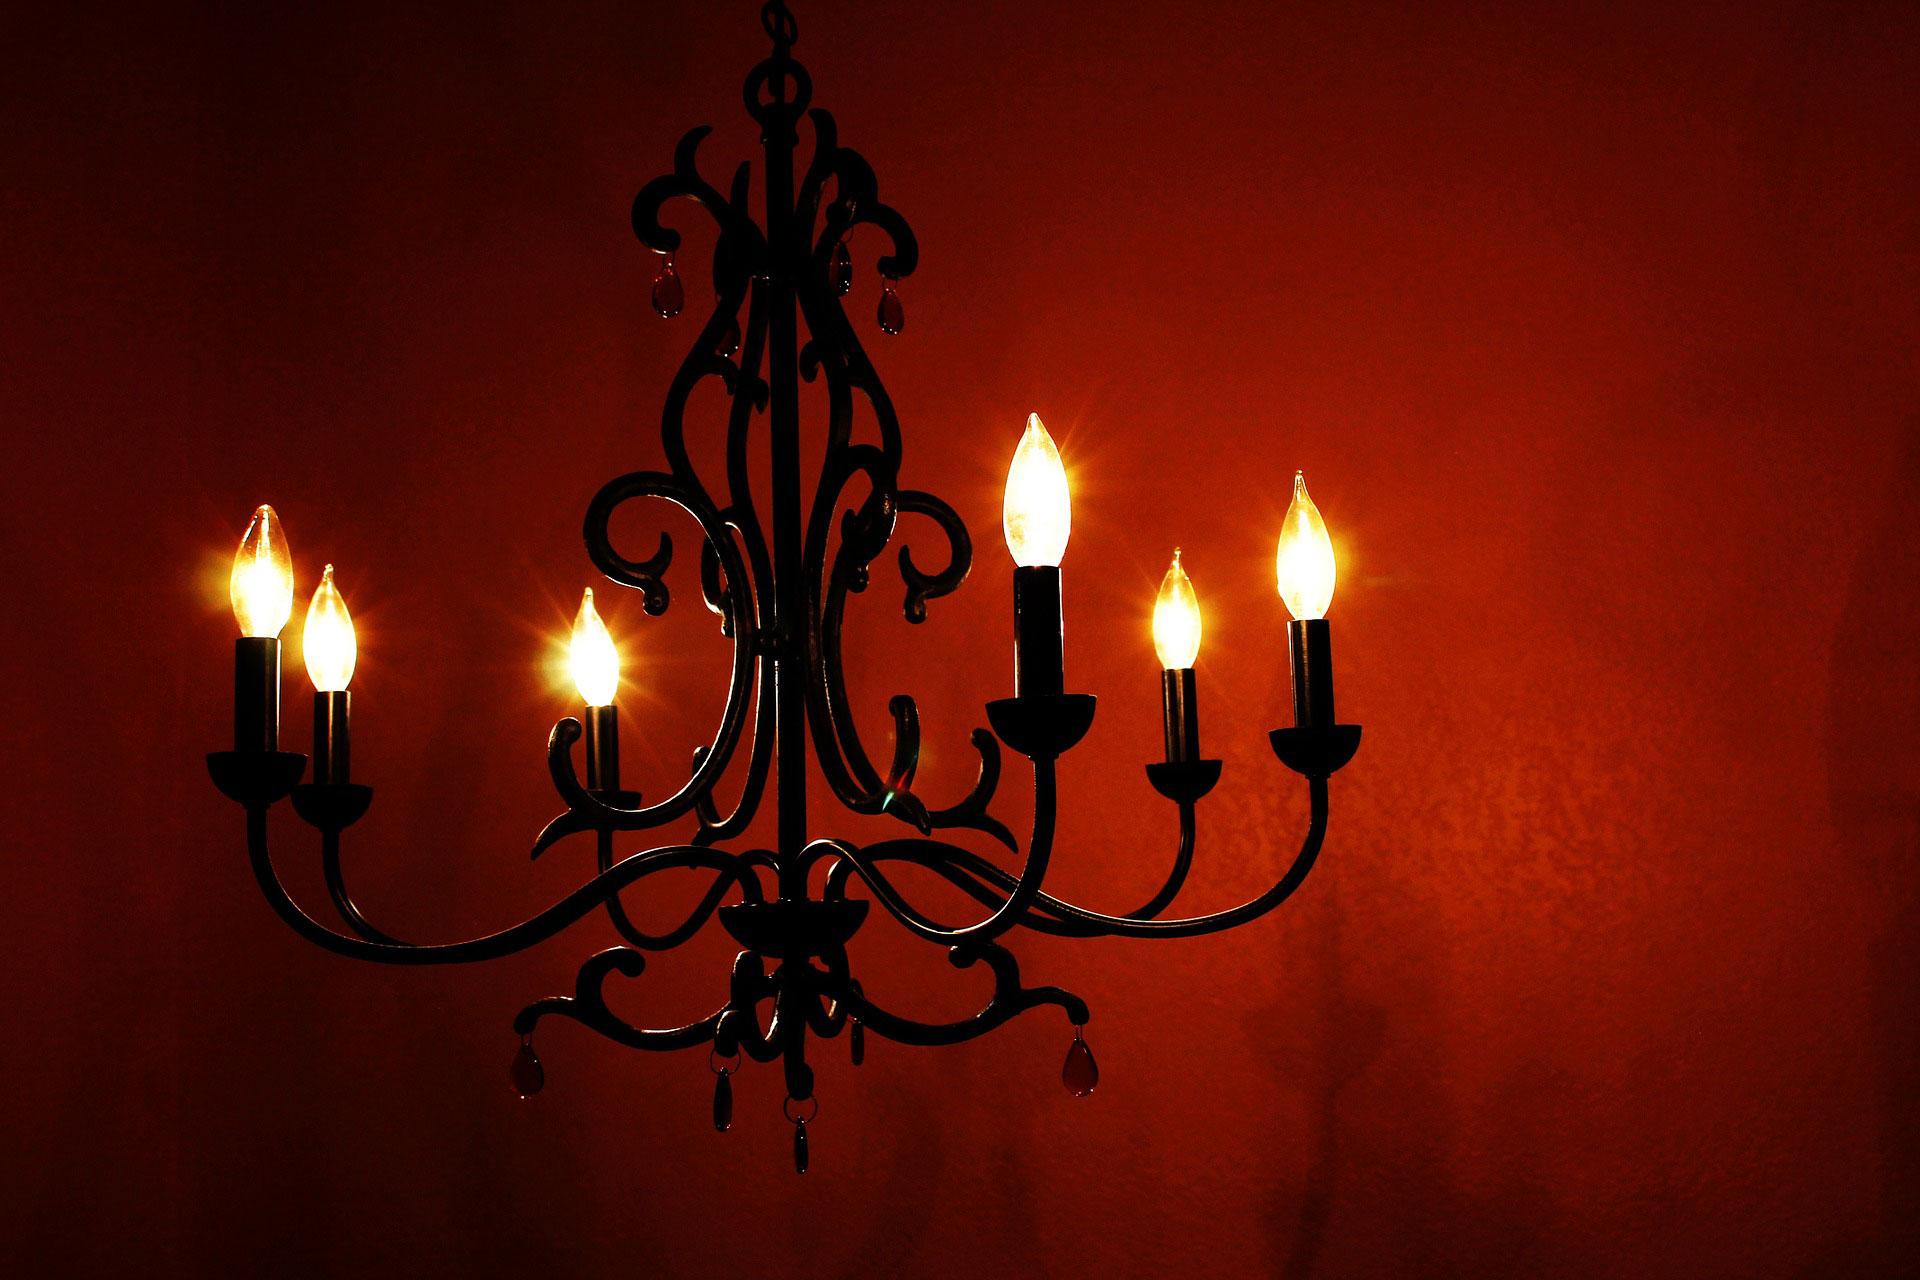 Mobili In Stile Gotico l'arredamento noir, non solo per halloween! | pratelli